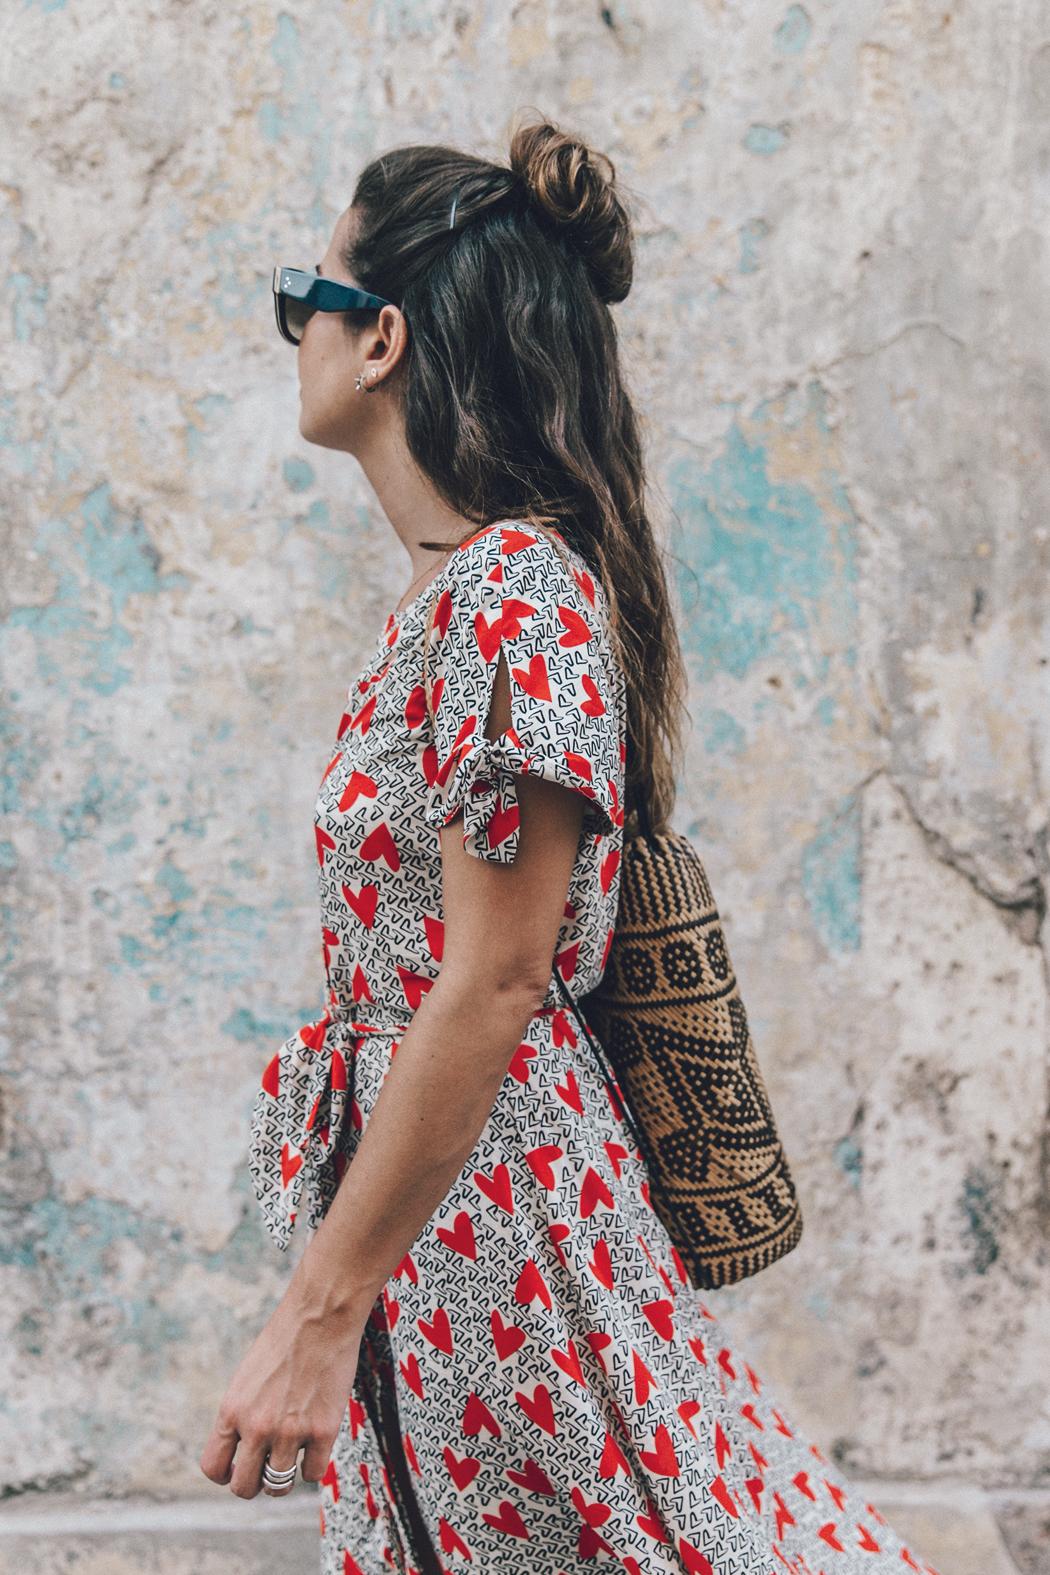 Cuba-La_Habana_Vieja-Hearts_Dress-Styled_By_Me-Aloha_Espadrilles-Outfit-Street_Style-Dress-Backpack-51